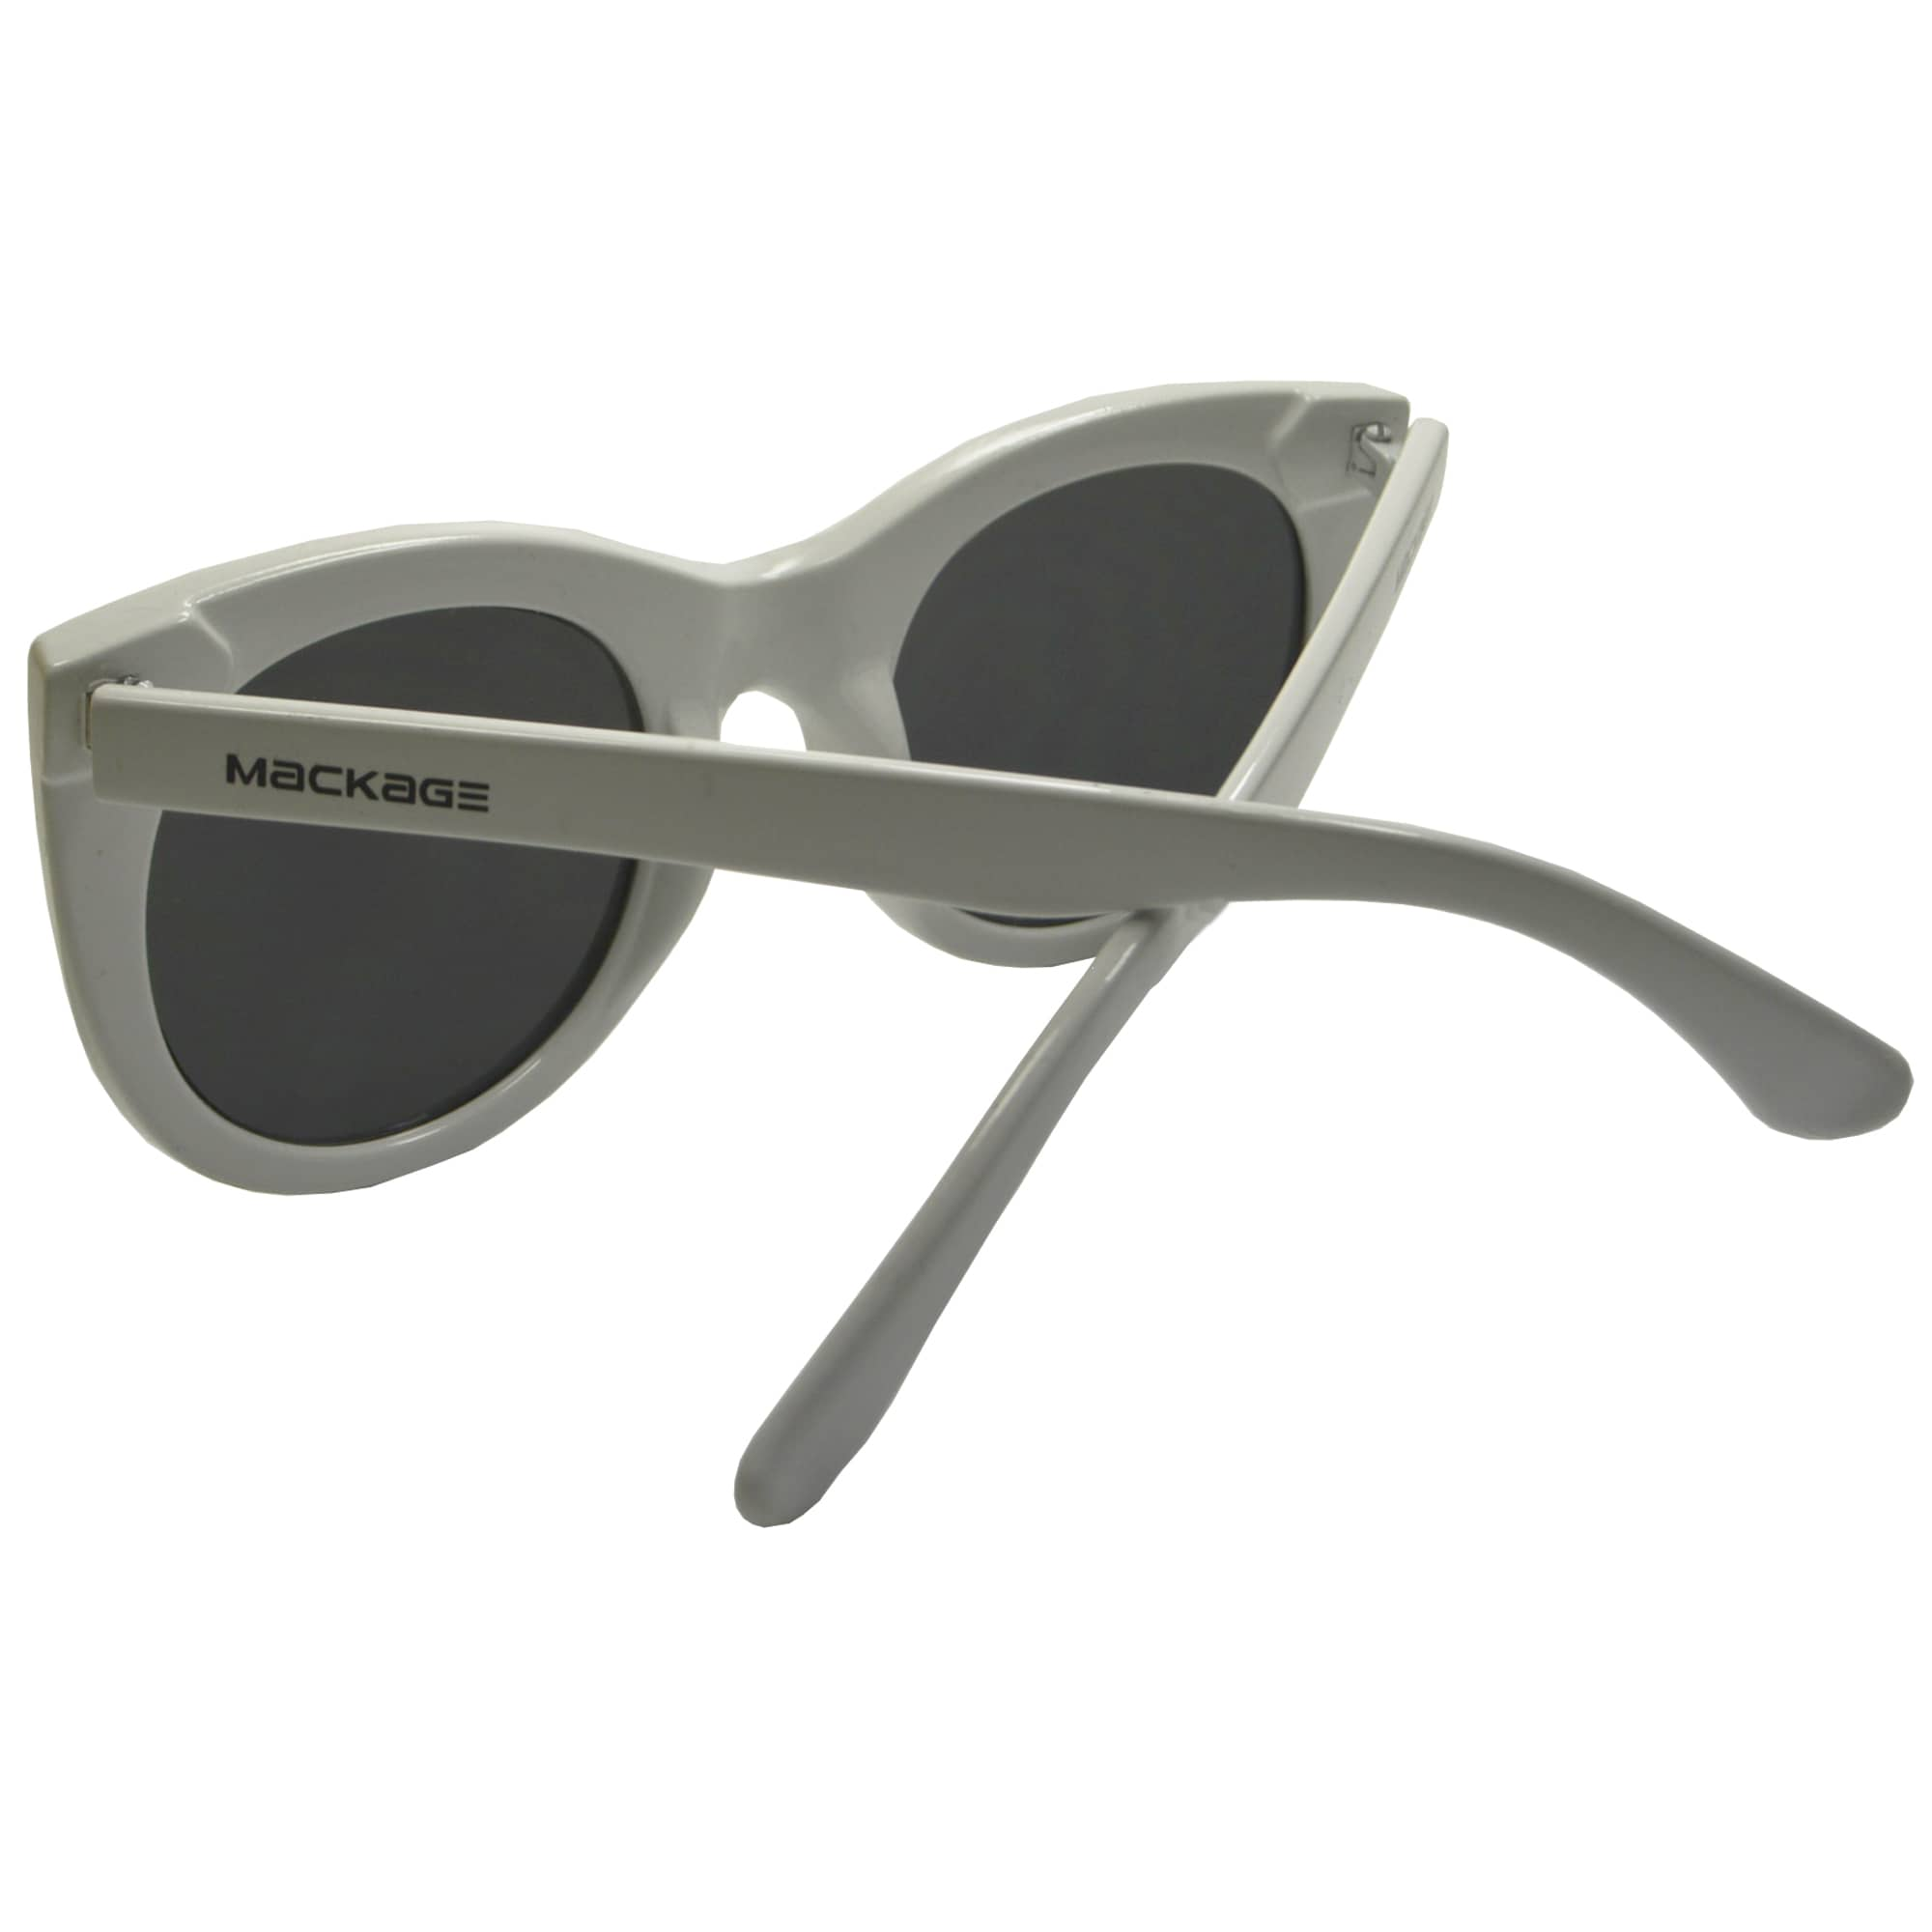 Óculos de Sol Mackage MK8842 Branco